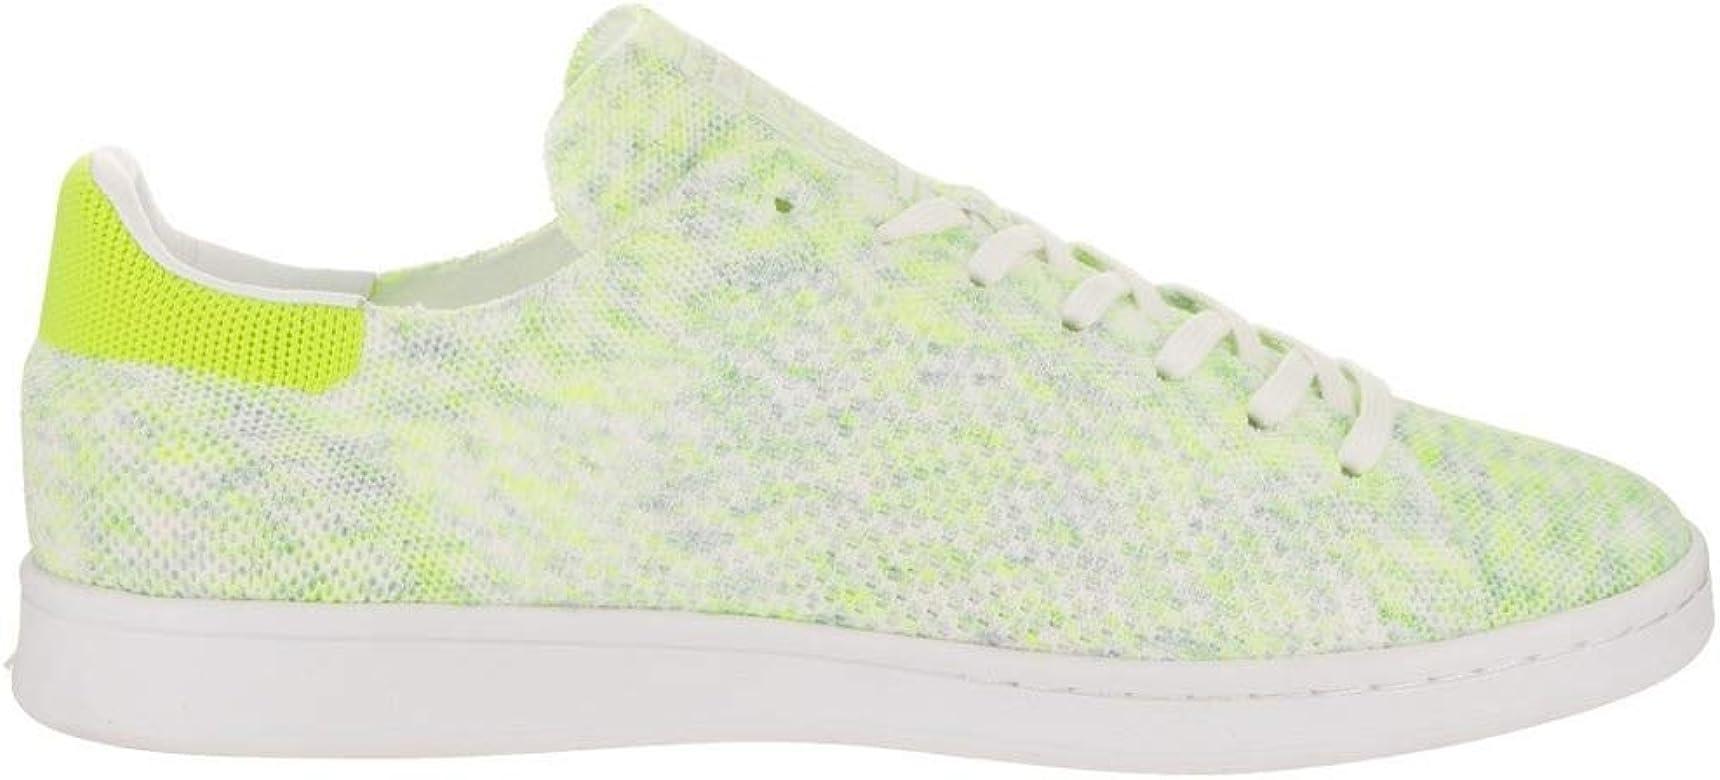 Adidas Stan Smith, Botas de fútbol para Hombre, Blanco (White/Green White/Green), 46 EU: Amazon.es: Zapatos y complementos